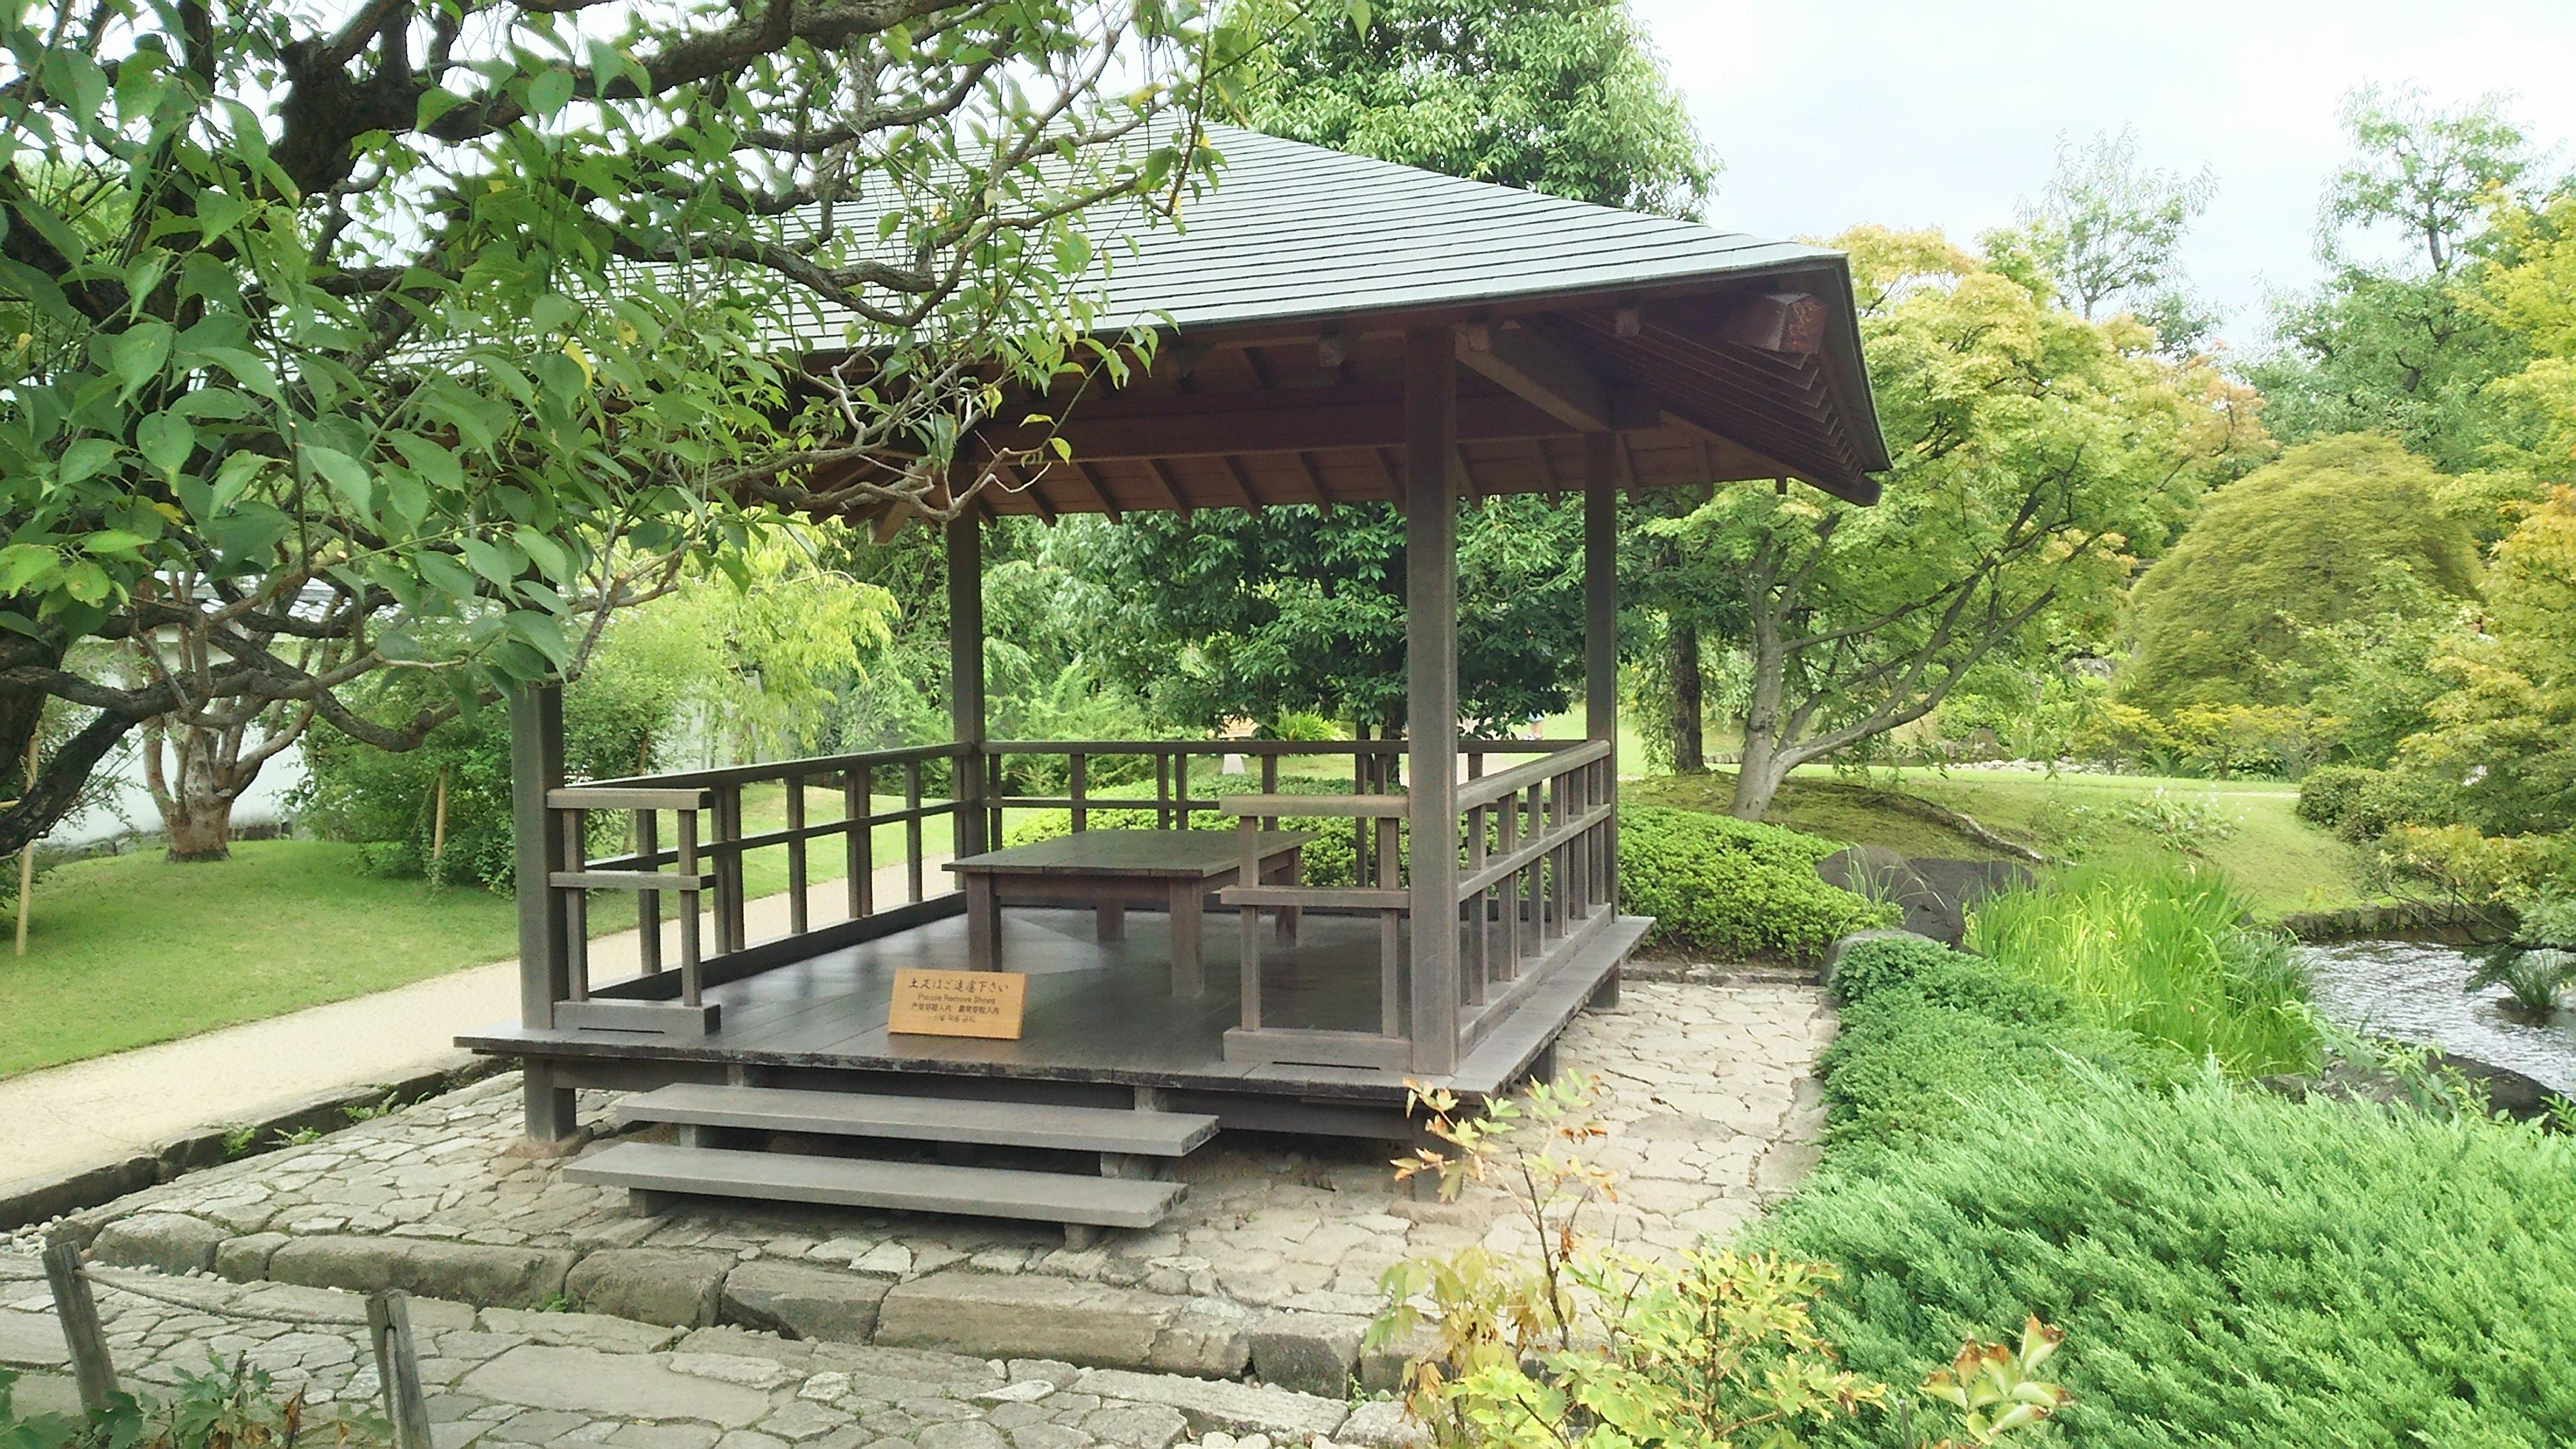 富田林,大阪狭山市にお住まいで旅行に楽しく行きたい方は痛みの不安を少しでも解消しましょう!